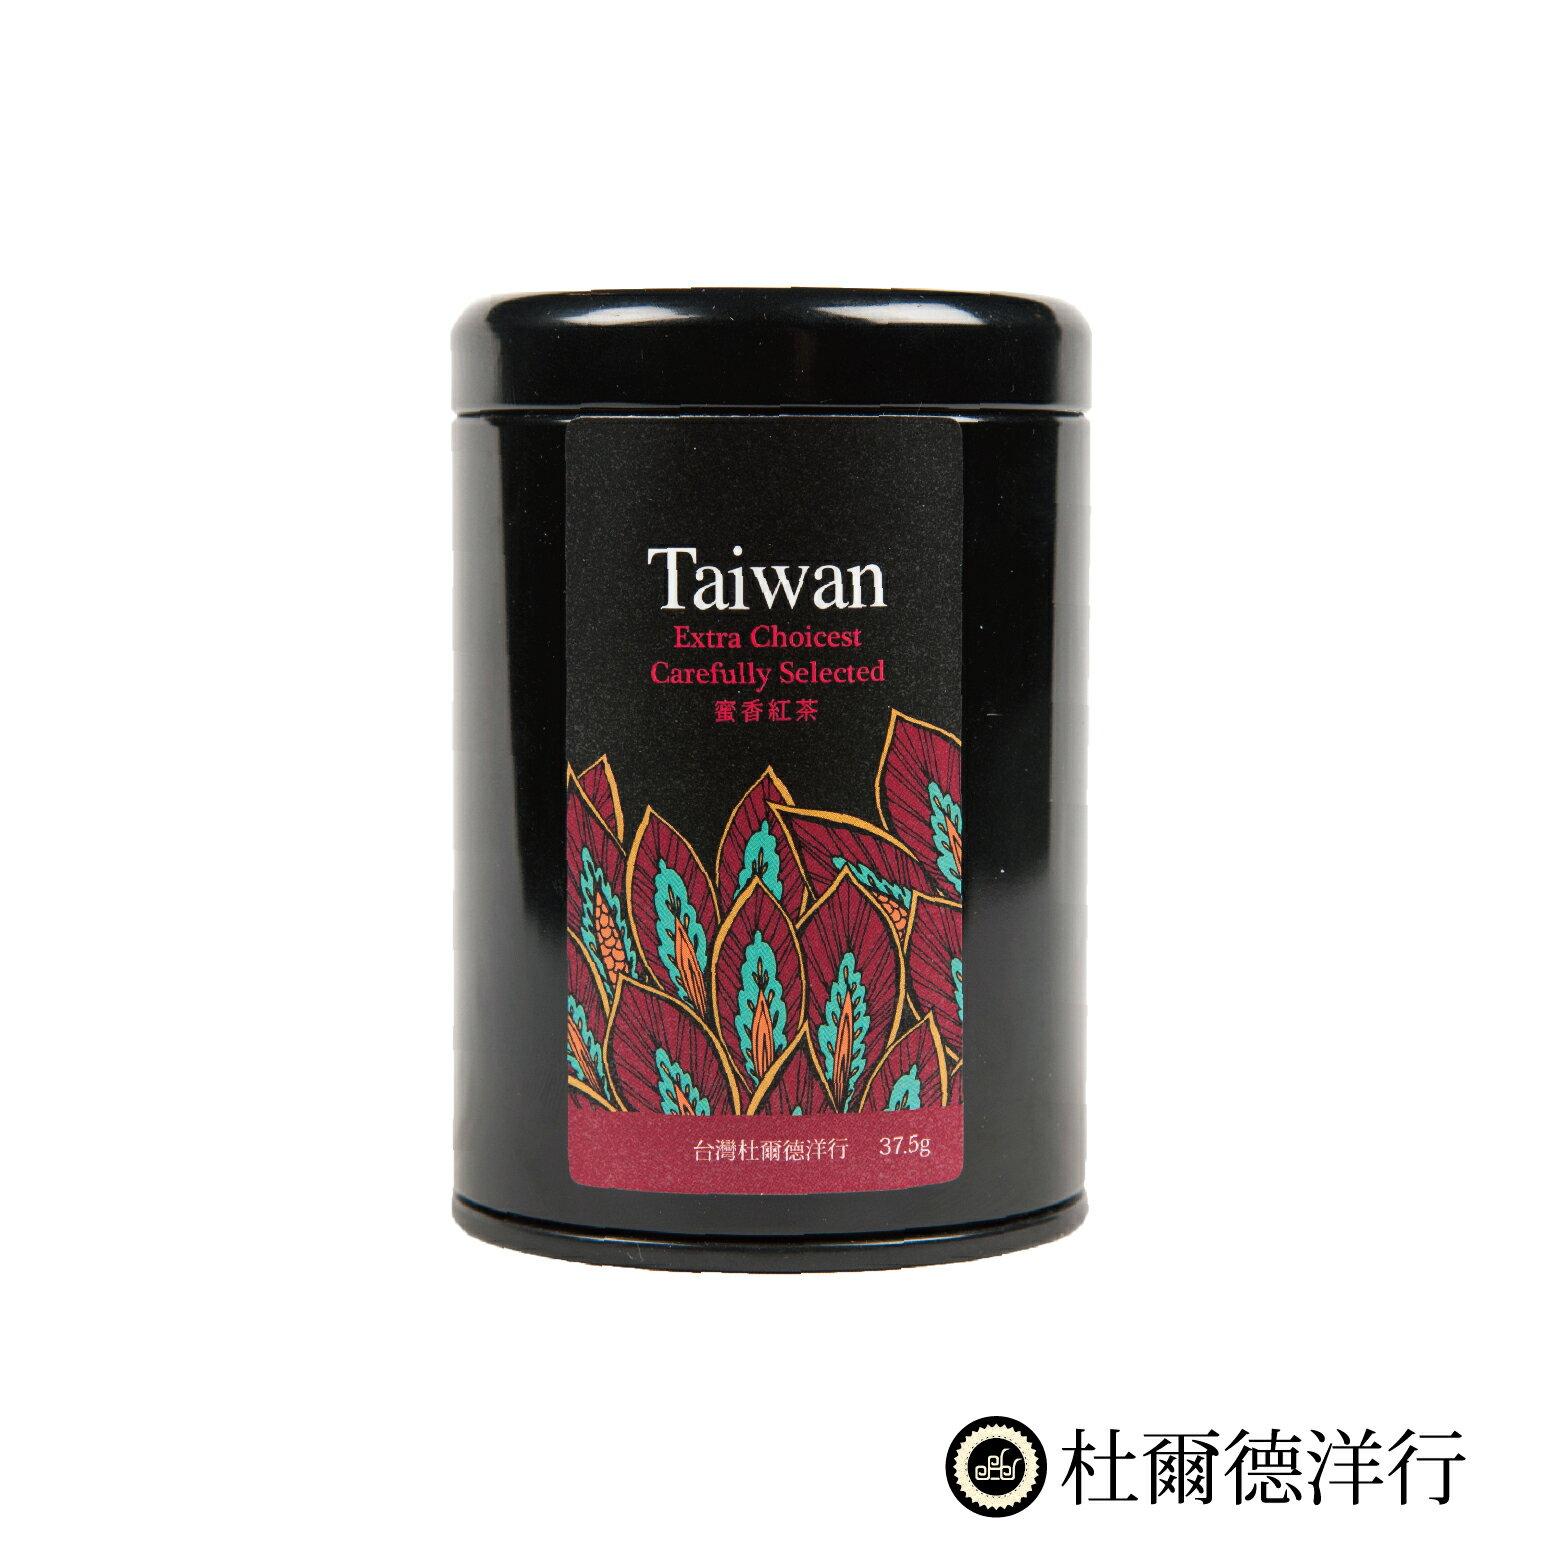 【杜爾德洋行 Dodd Tea】嚴選蜜香紅茶37.5g 0